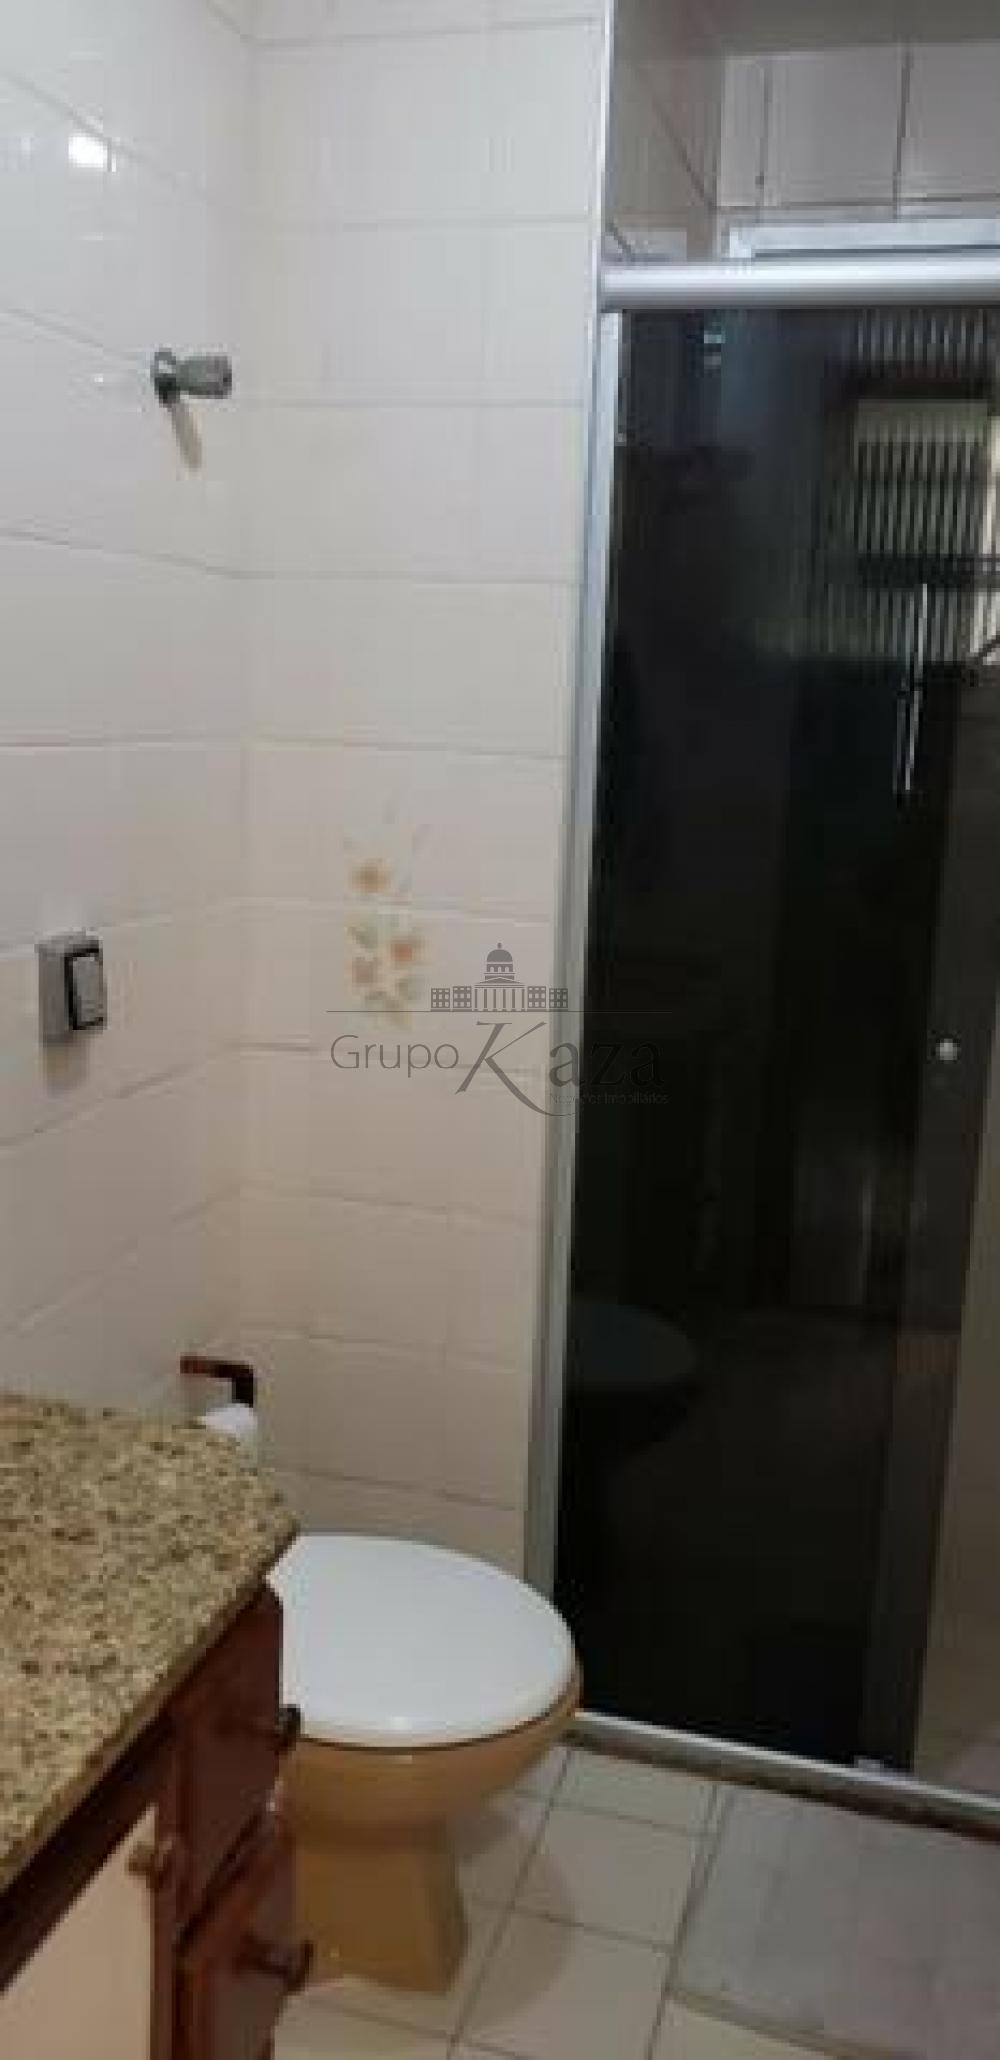 alt='Comprar Apartamento / Padrão em São José dos Campos R$ 530.000,00 - Foto 5' title='Comprar Apartamento / Padrão em São José dos Campos R$ 530.000,00 - Foto 5'